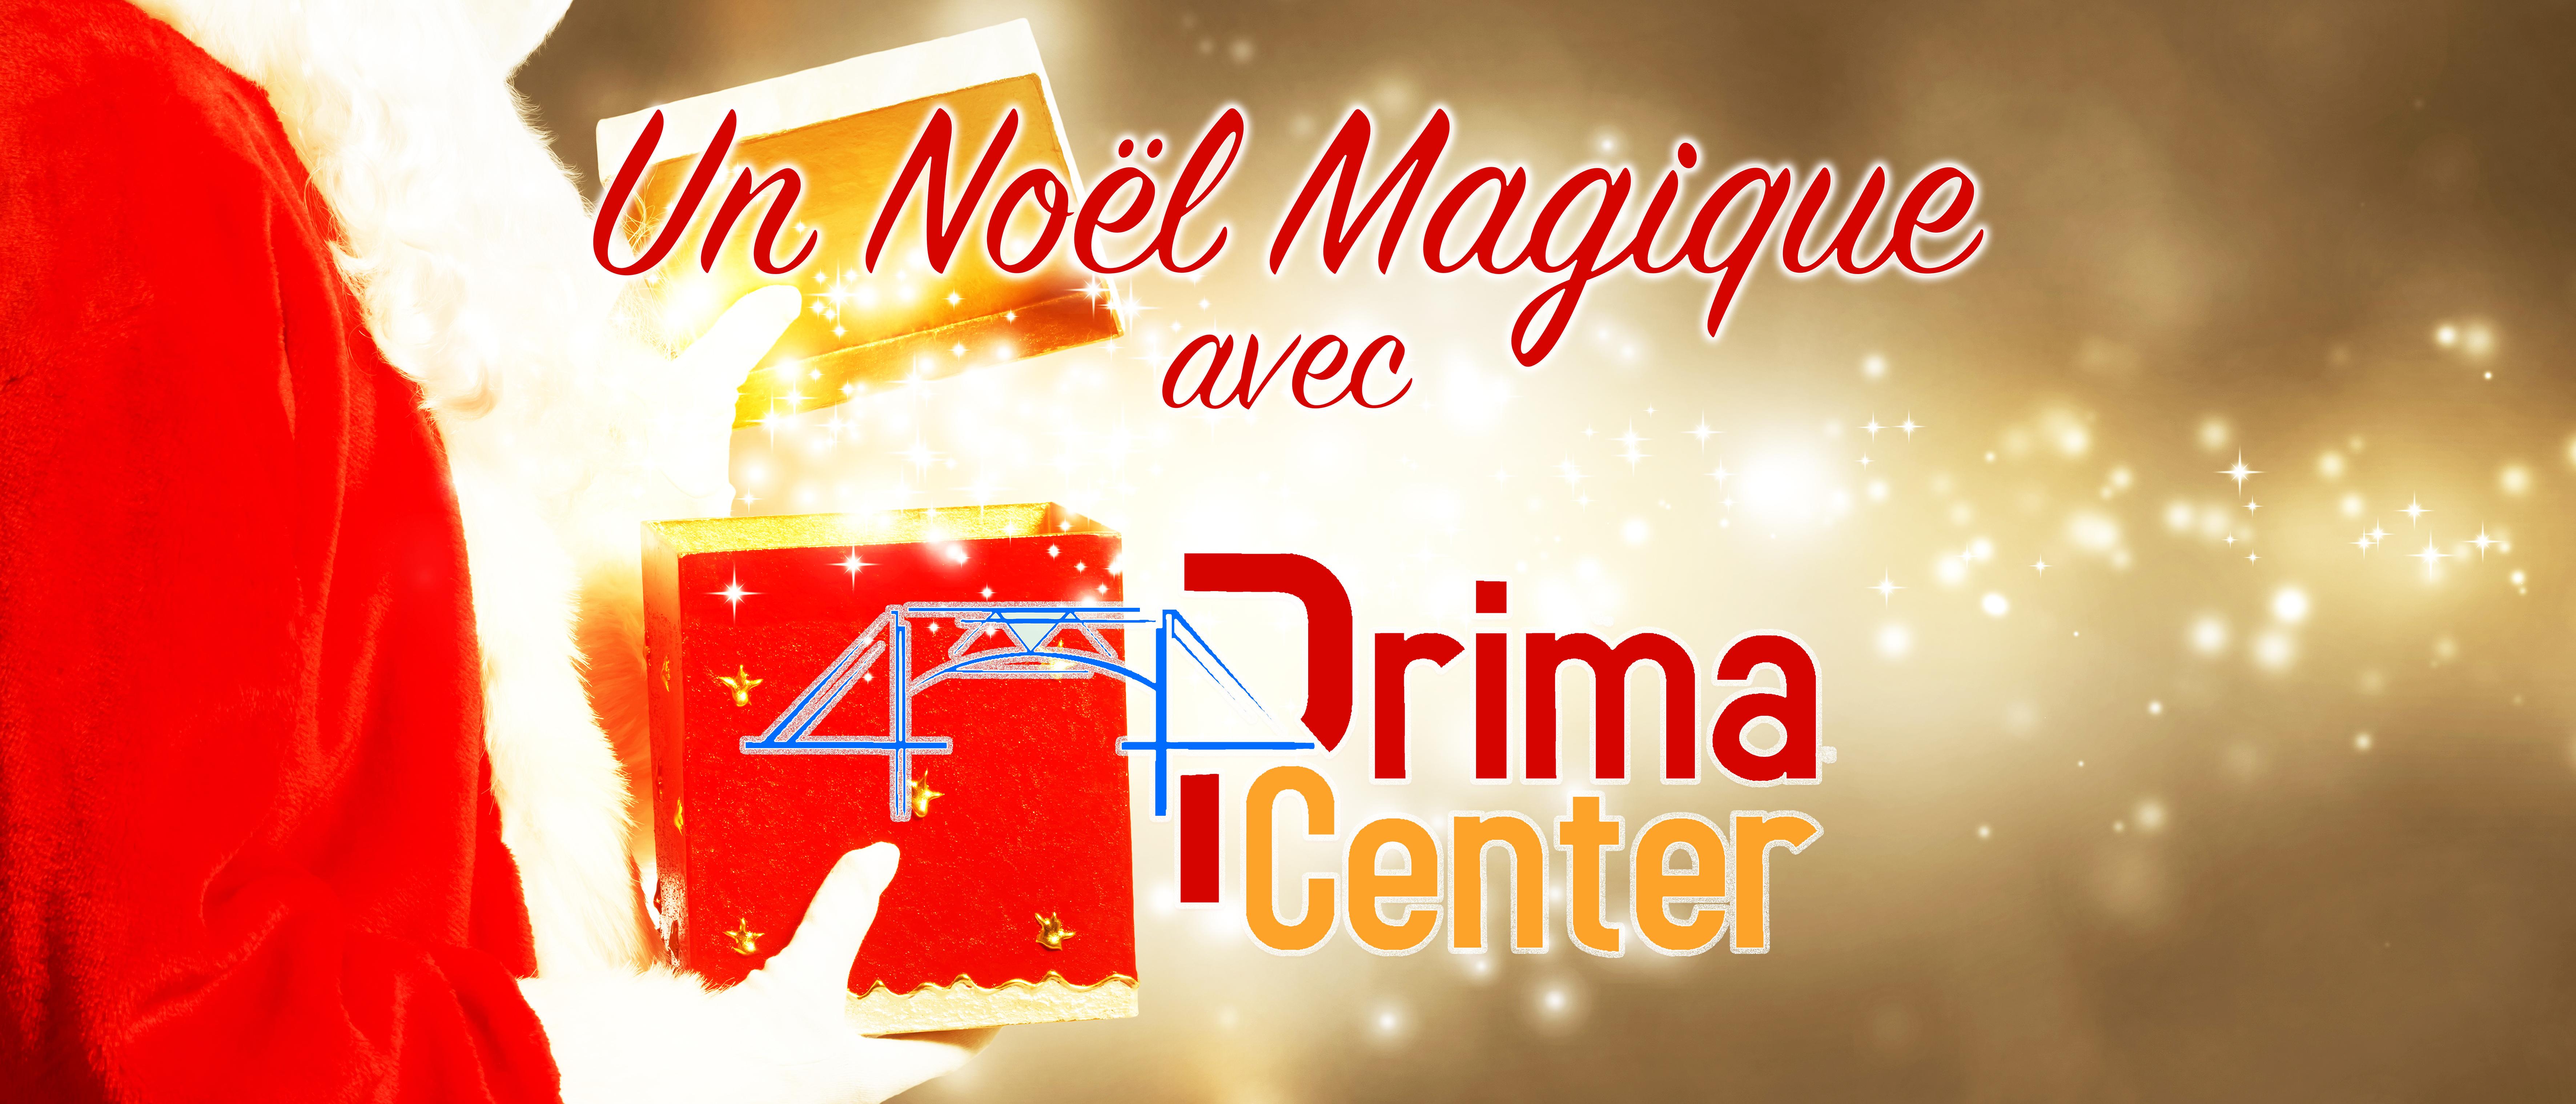 cover prima noel 2018